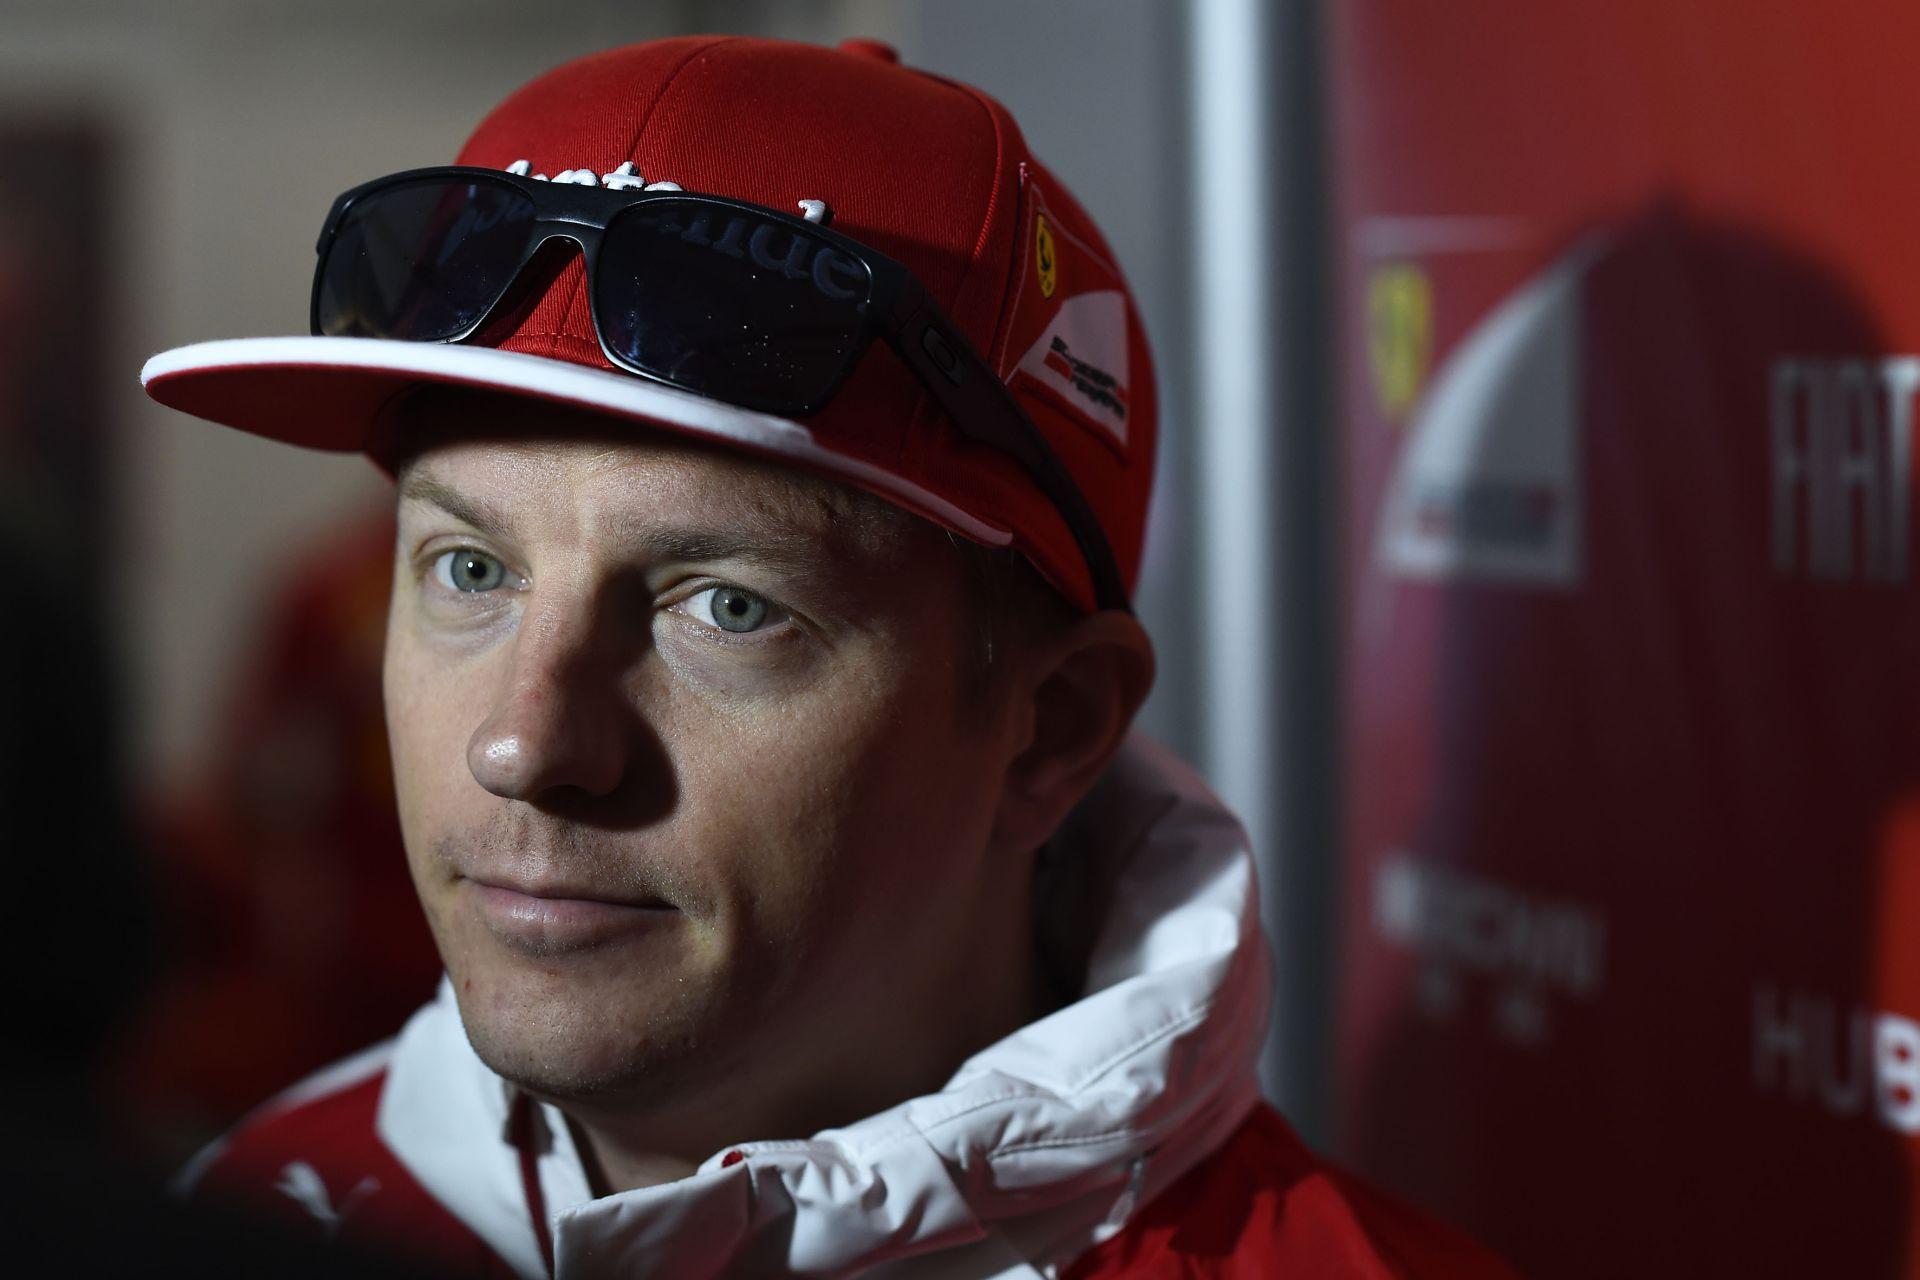 Raikkönennek már nincs jövője a Forma-1-ben? Alonso hiába egoista, pökhendi és kiskirály, egyértelműen a legjobb versenyző?